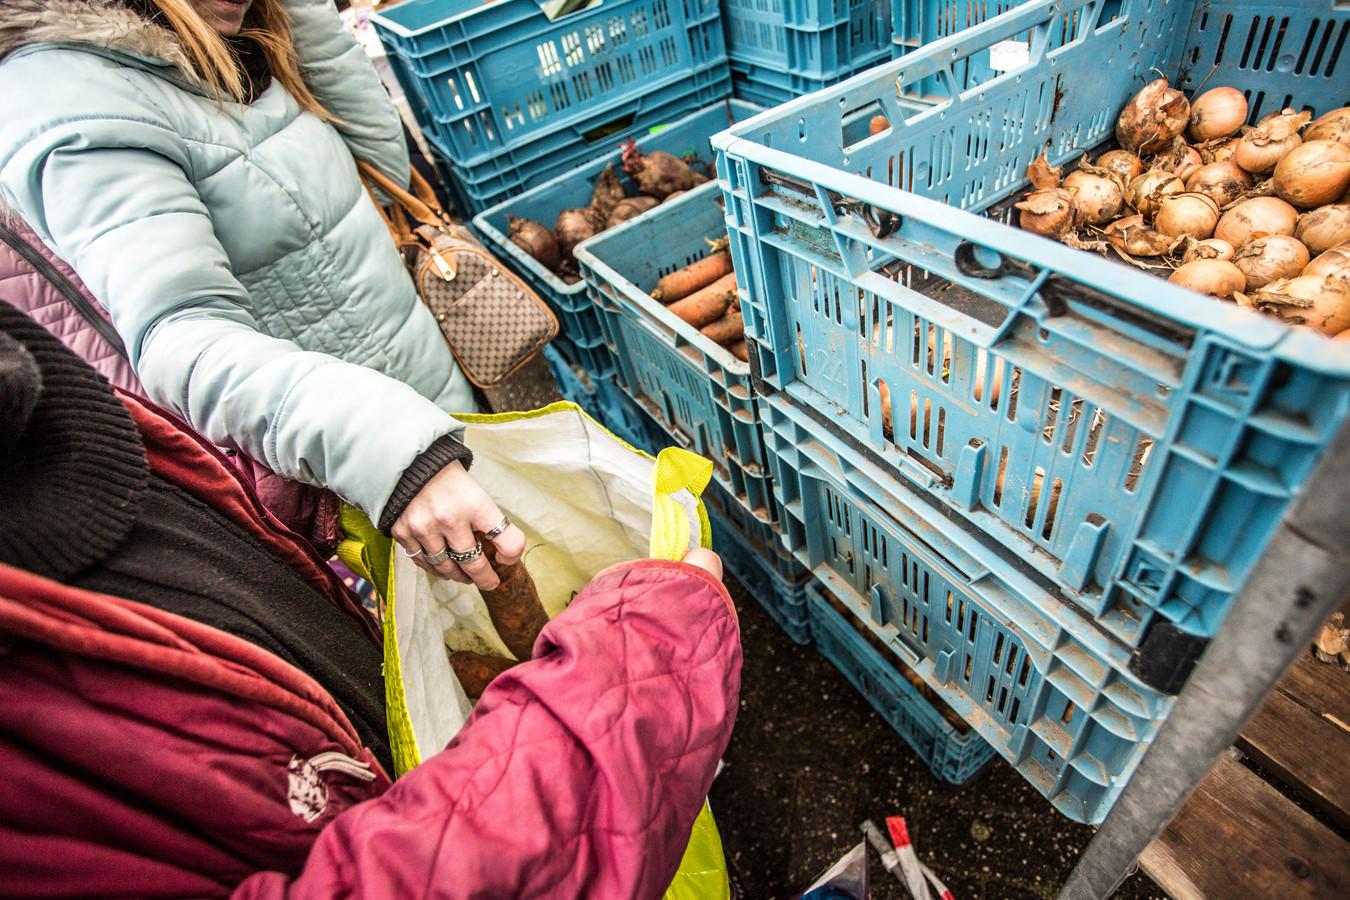 Behalve pakketten met etenswaren deelt de voedselbank Zutphen morgen ook mondkapjes uit.